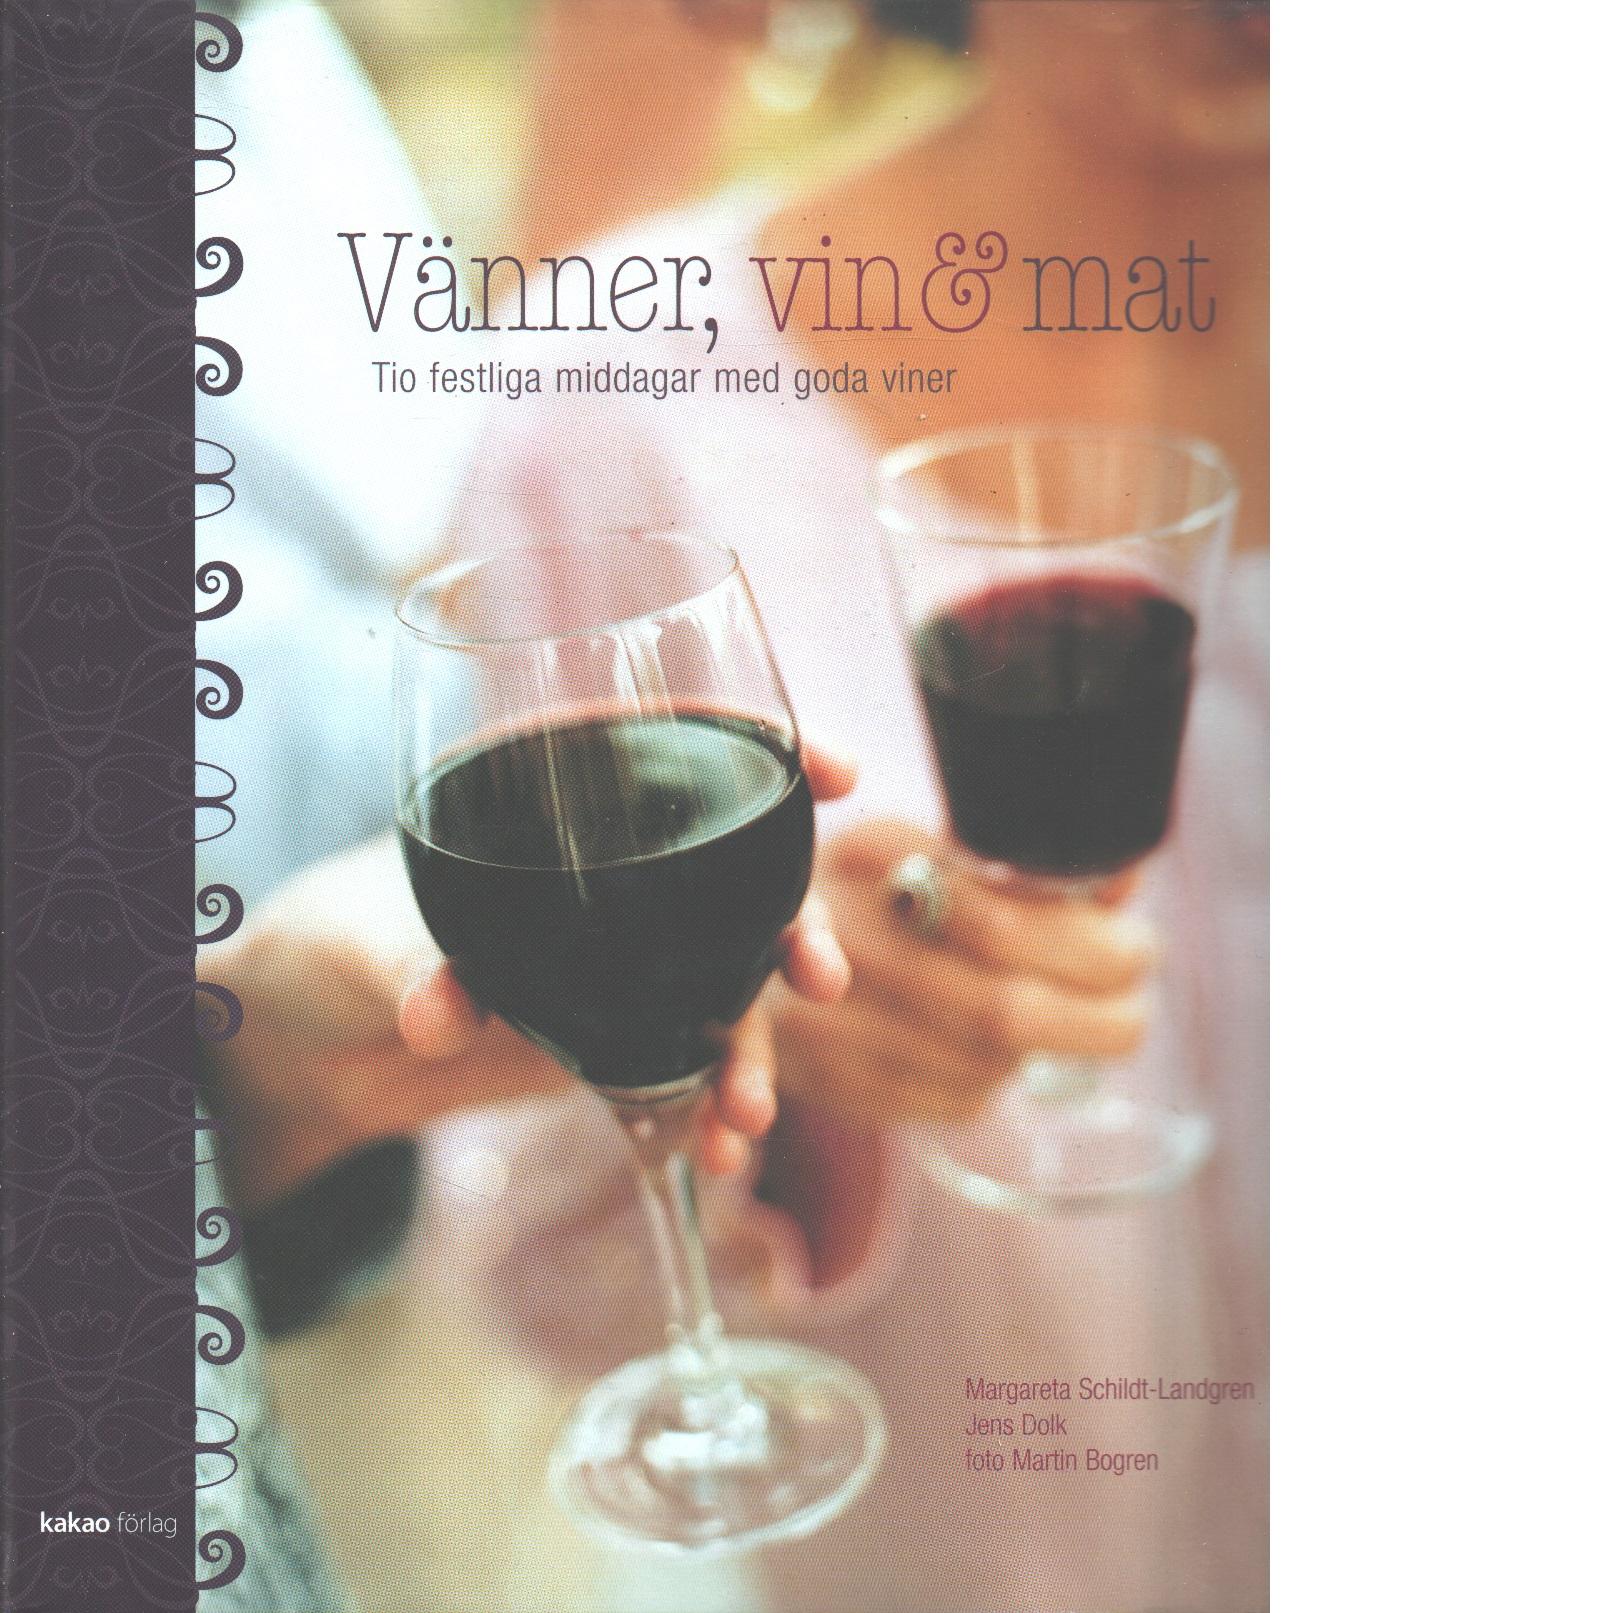 Vänner, vin & mat : [tio festliga middagar med goda viner] - Schildt-Landgren, Margareta